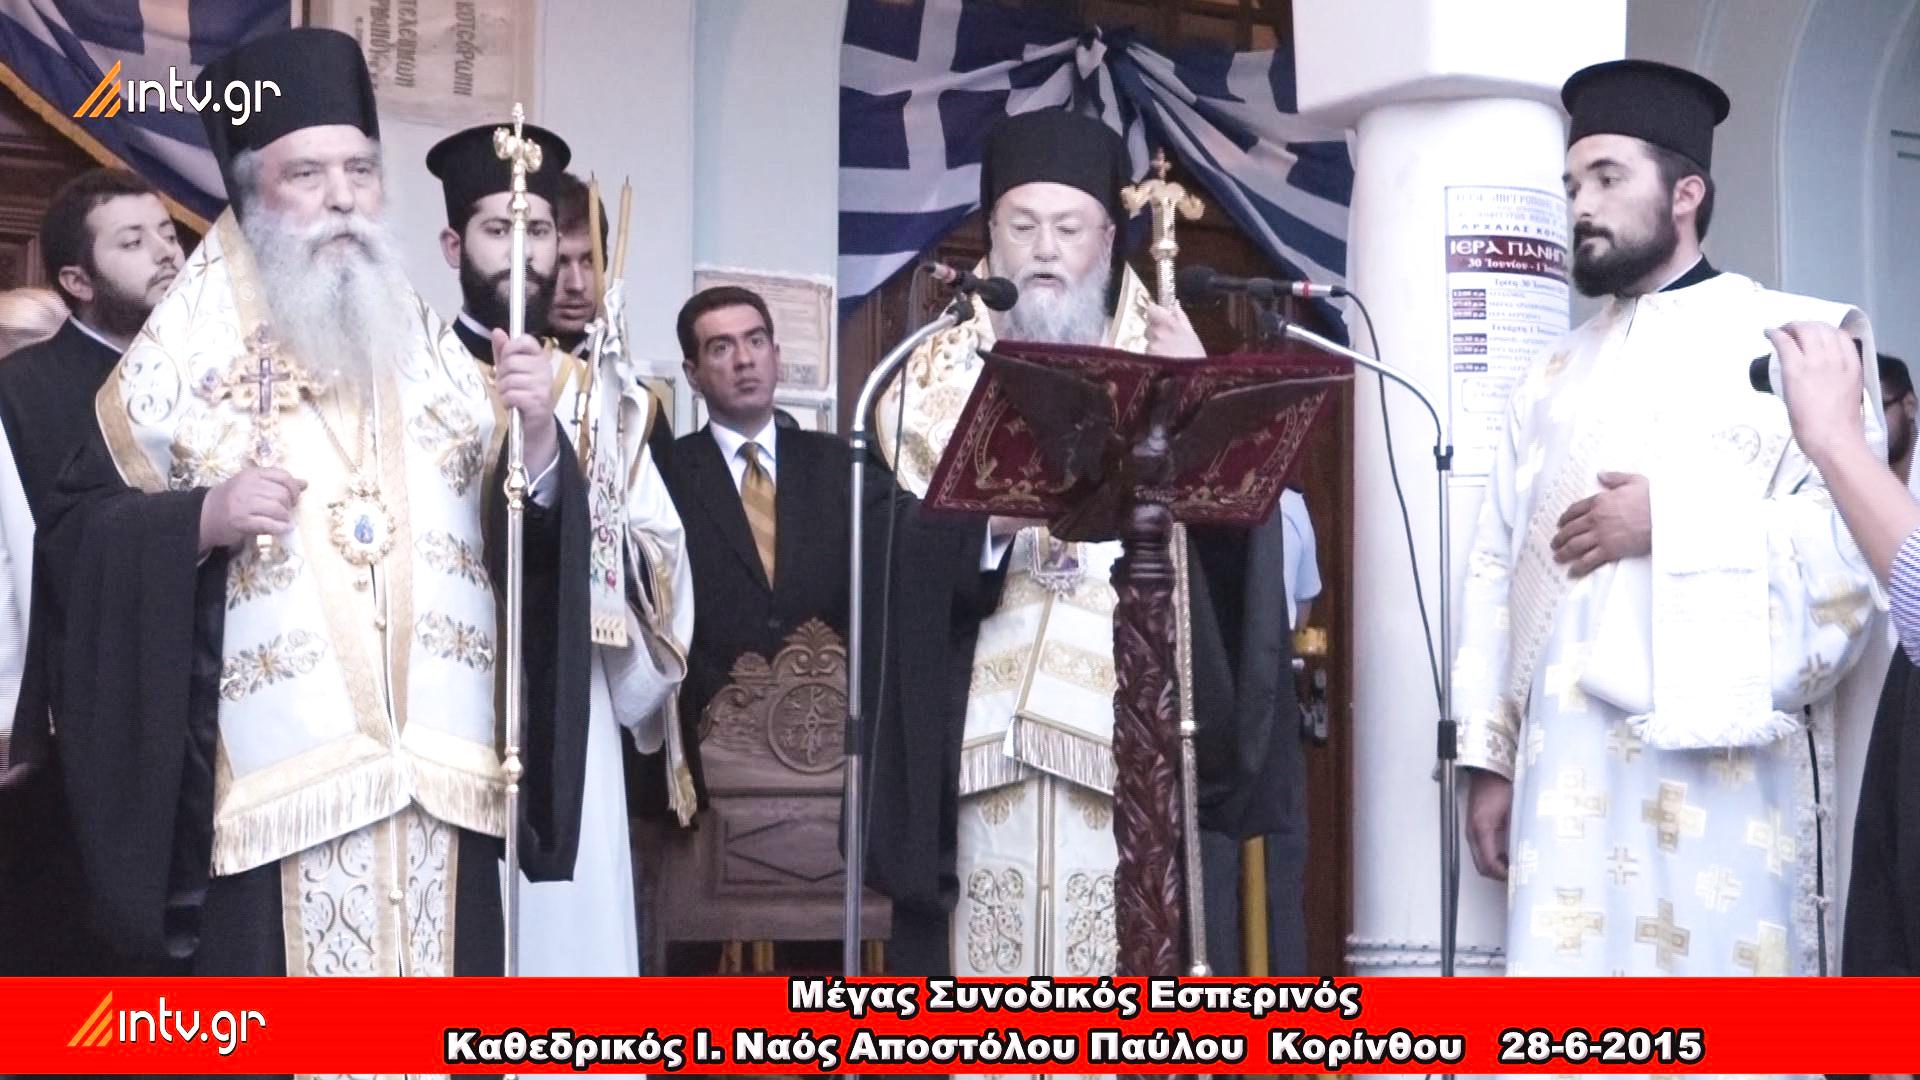 Μέγας Συνοδικός Εσπερινός Καθεδρικός Ι. Ναός Αποστόλου Παύλου Κορίνθου.